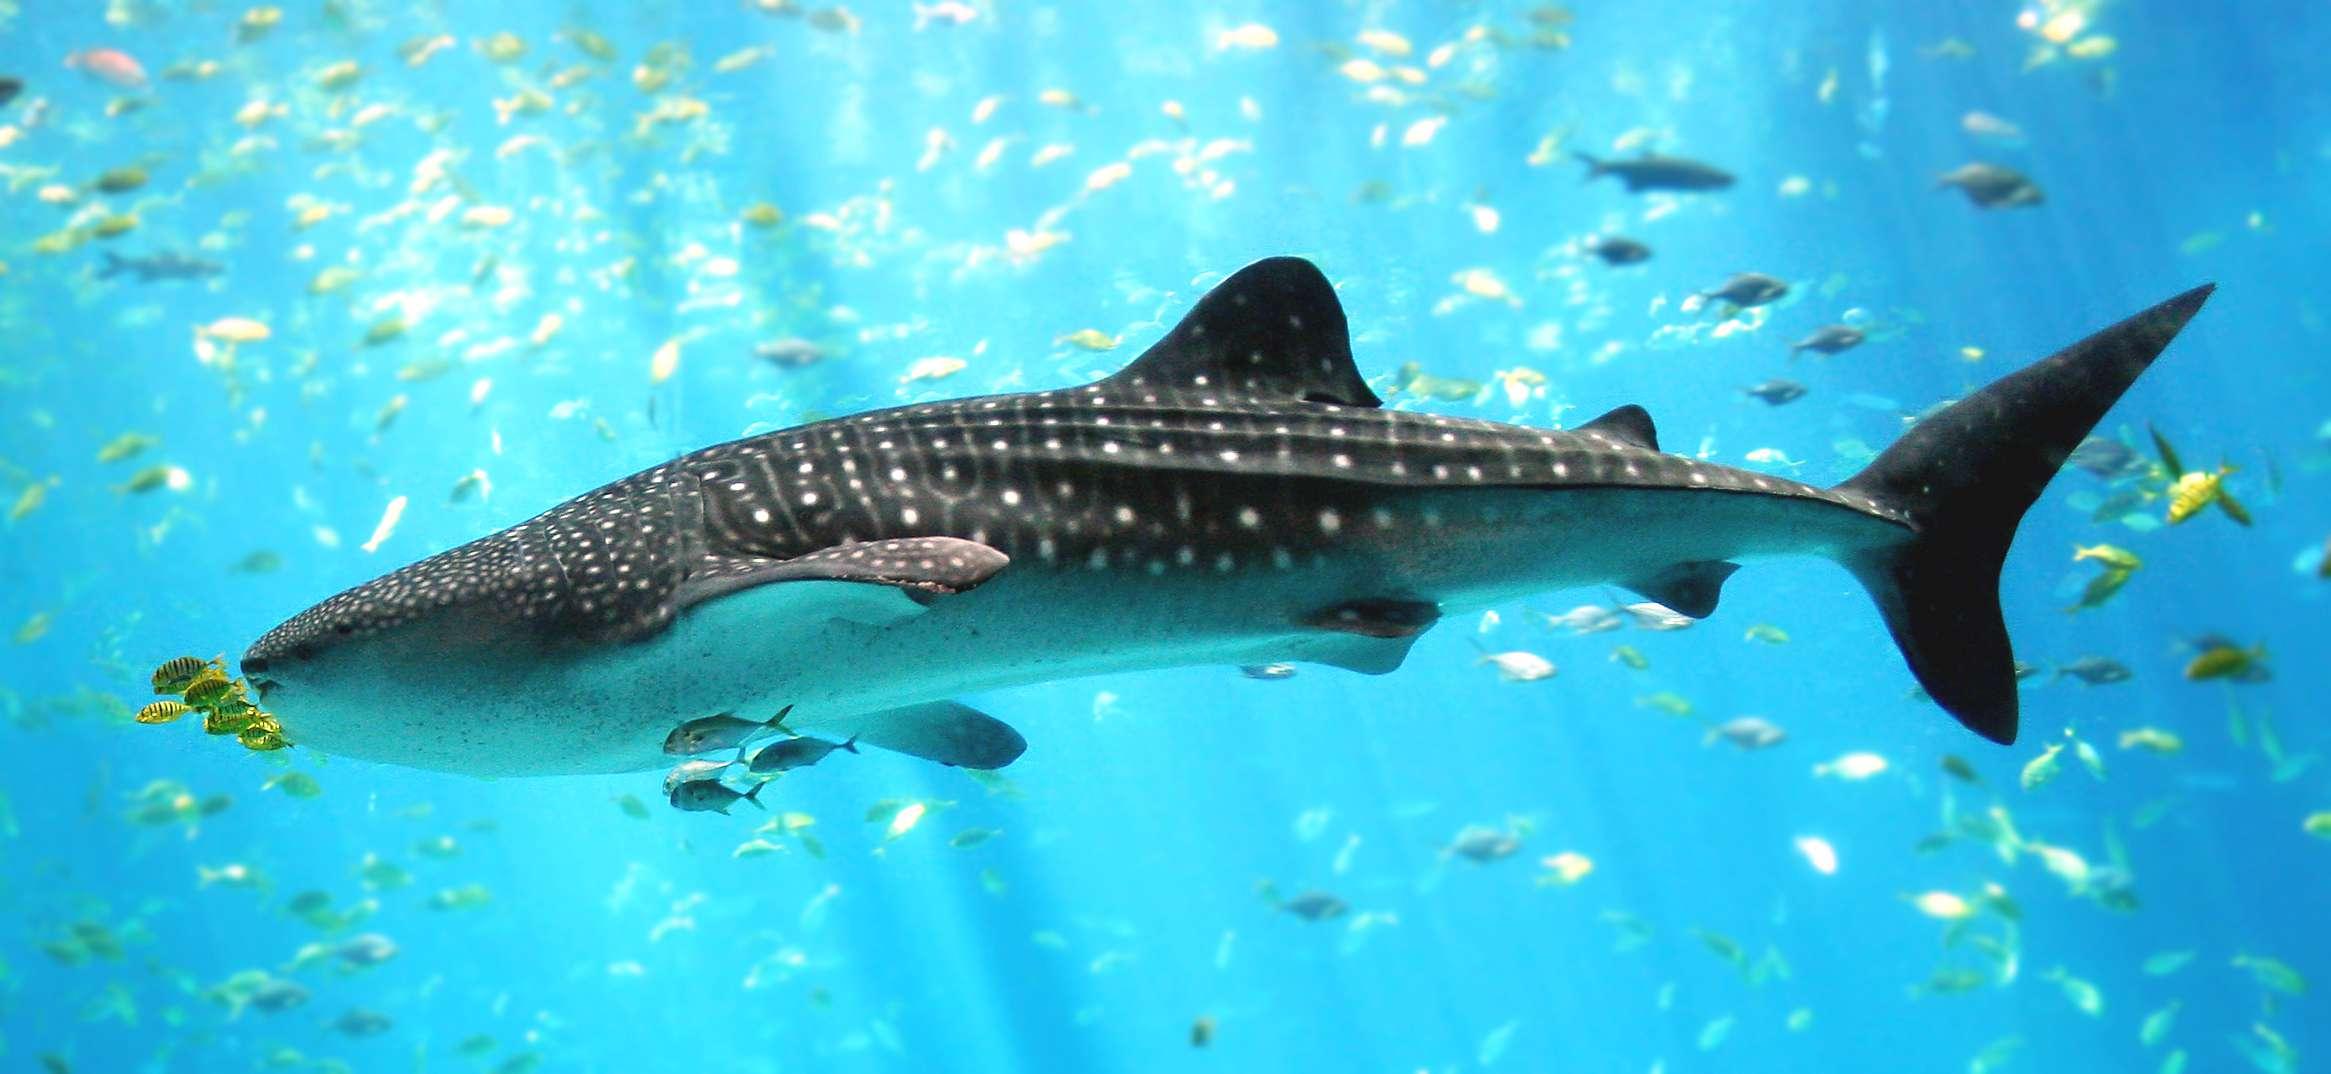 Whale shark swimming underwater.